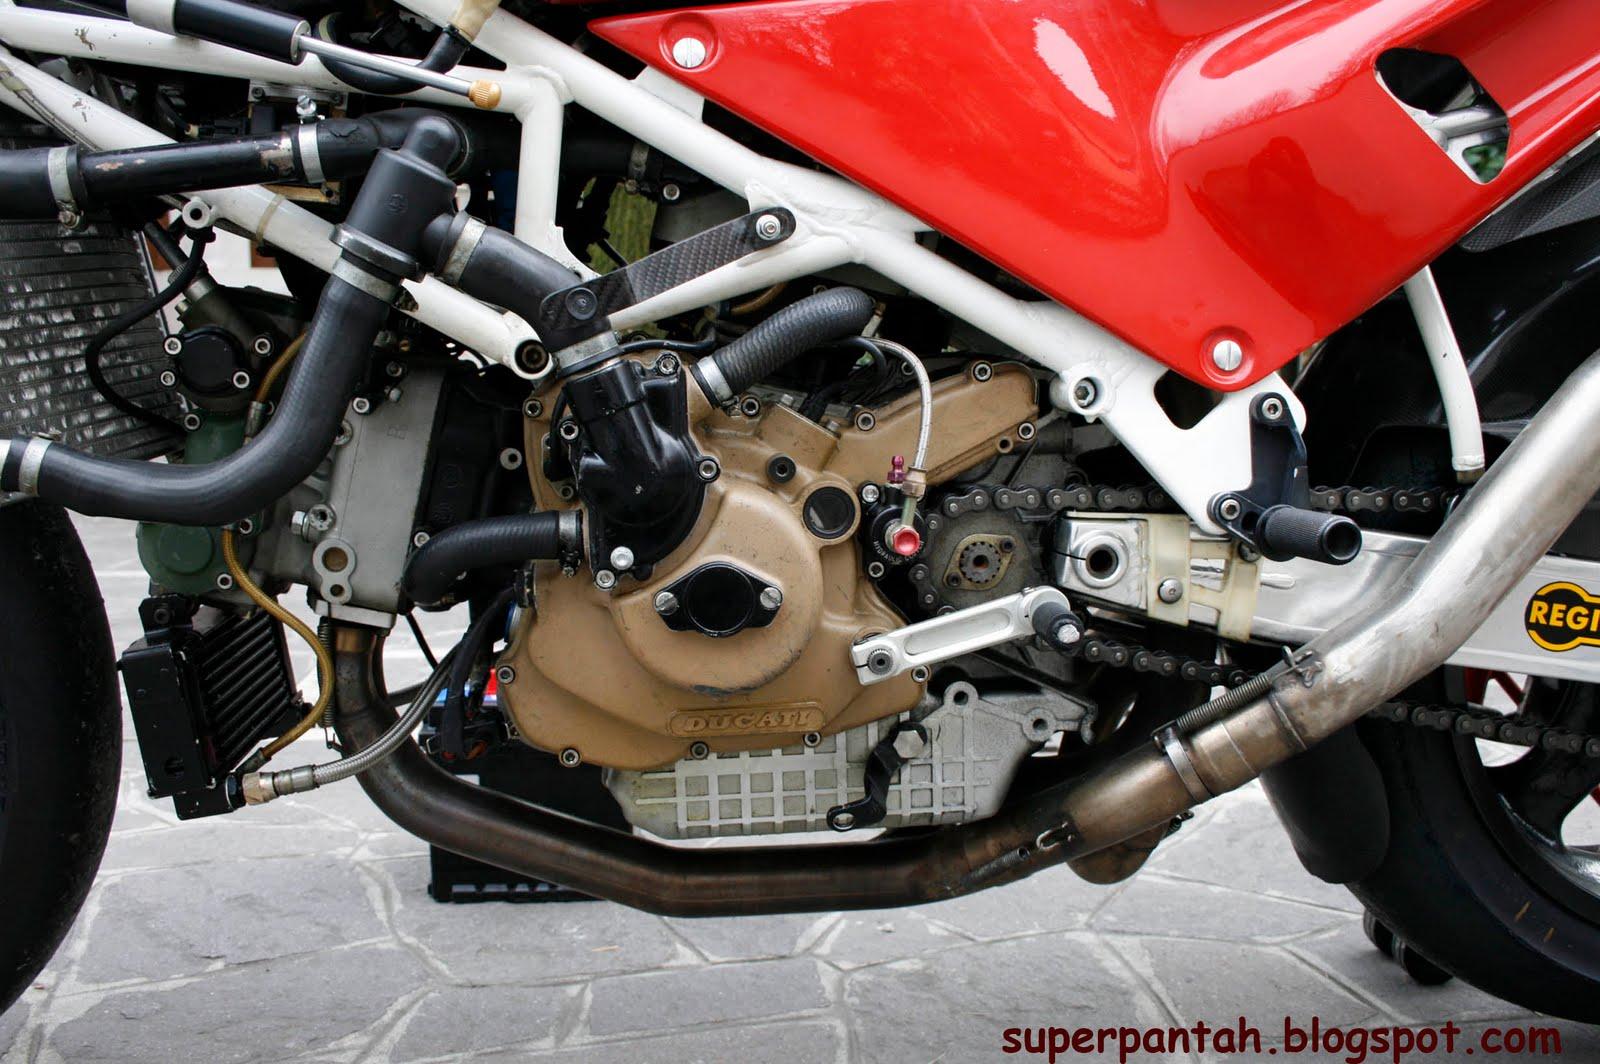 Ducati 851-888 - Page 2 888%2BRacing%2B%25288%2529